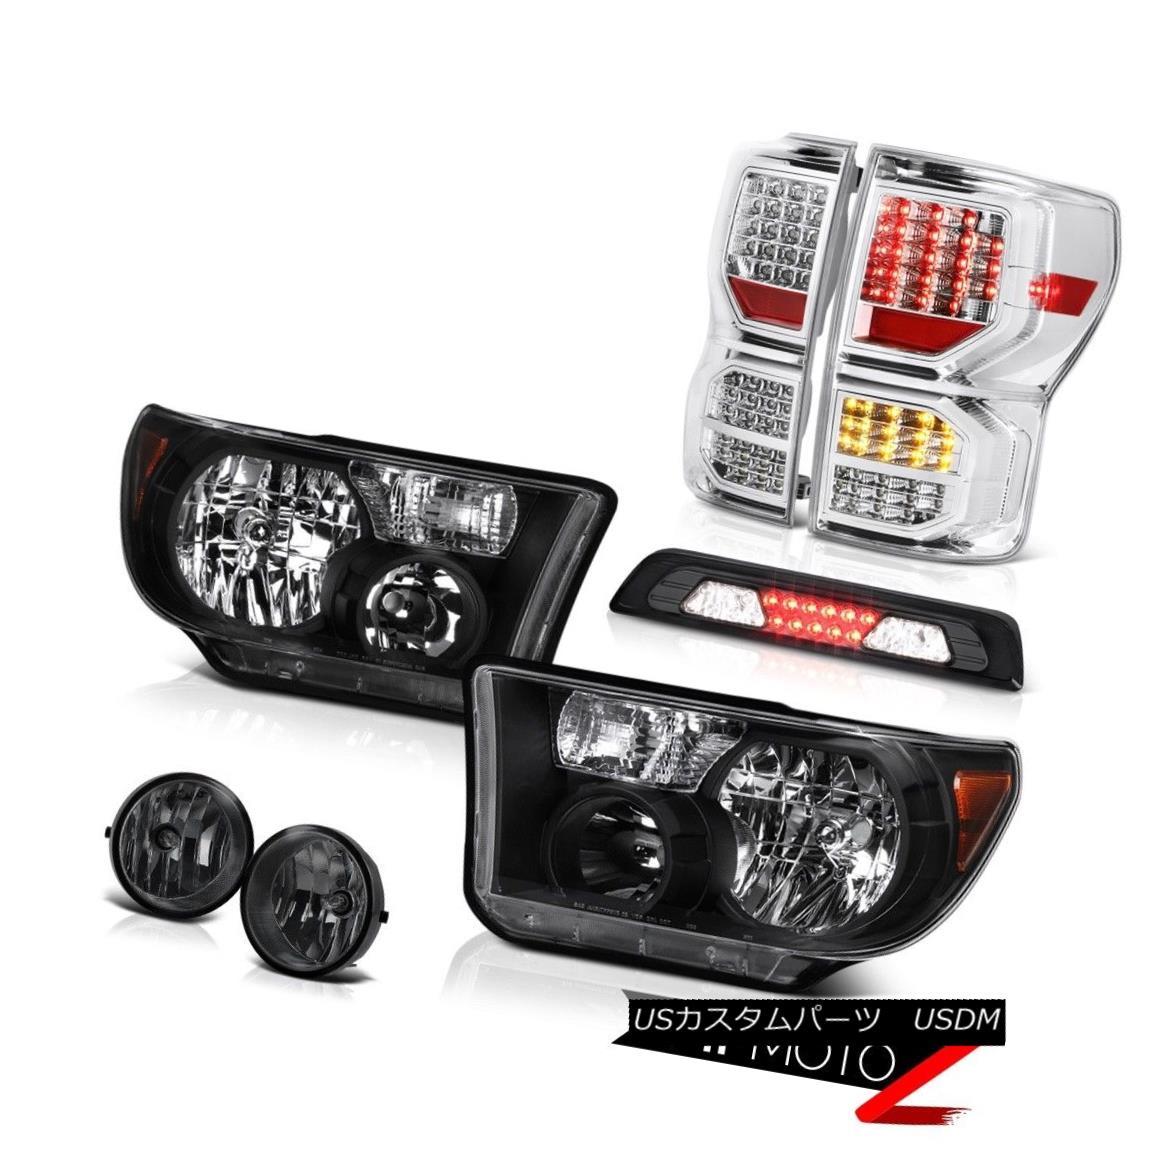 テールライト 07-13 Toyota Tundra SR5 Rear Brake Lamps Headlamps Roof Cab Lamp Foglamps LED 07-13トヨタ・トンドラSR5リア・ブレーキ・ランプヘッドランプルーフキャブ・ランプフォグランプLED